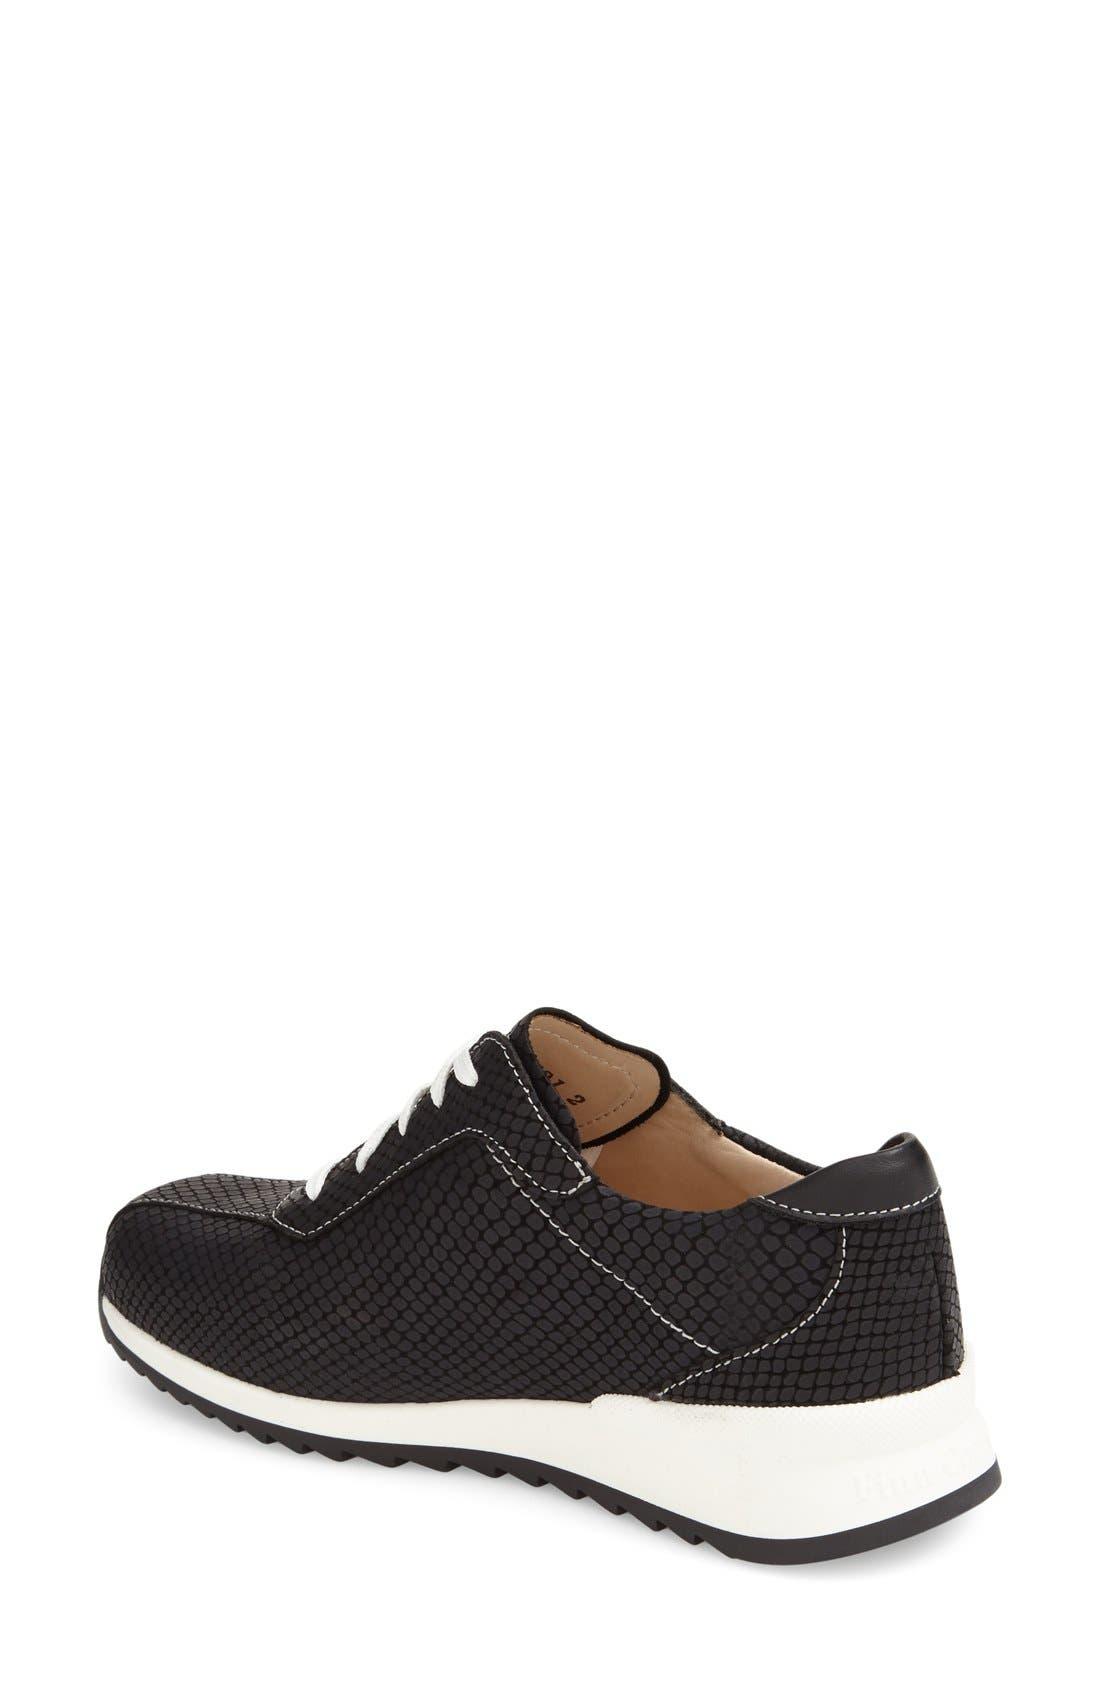 Alternate Image 2  - Finn Comfort 'Sarnia' Sneaker (Women)